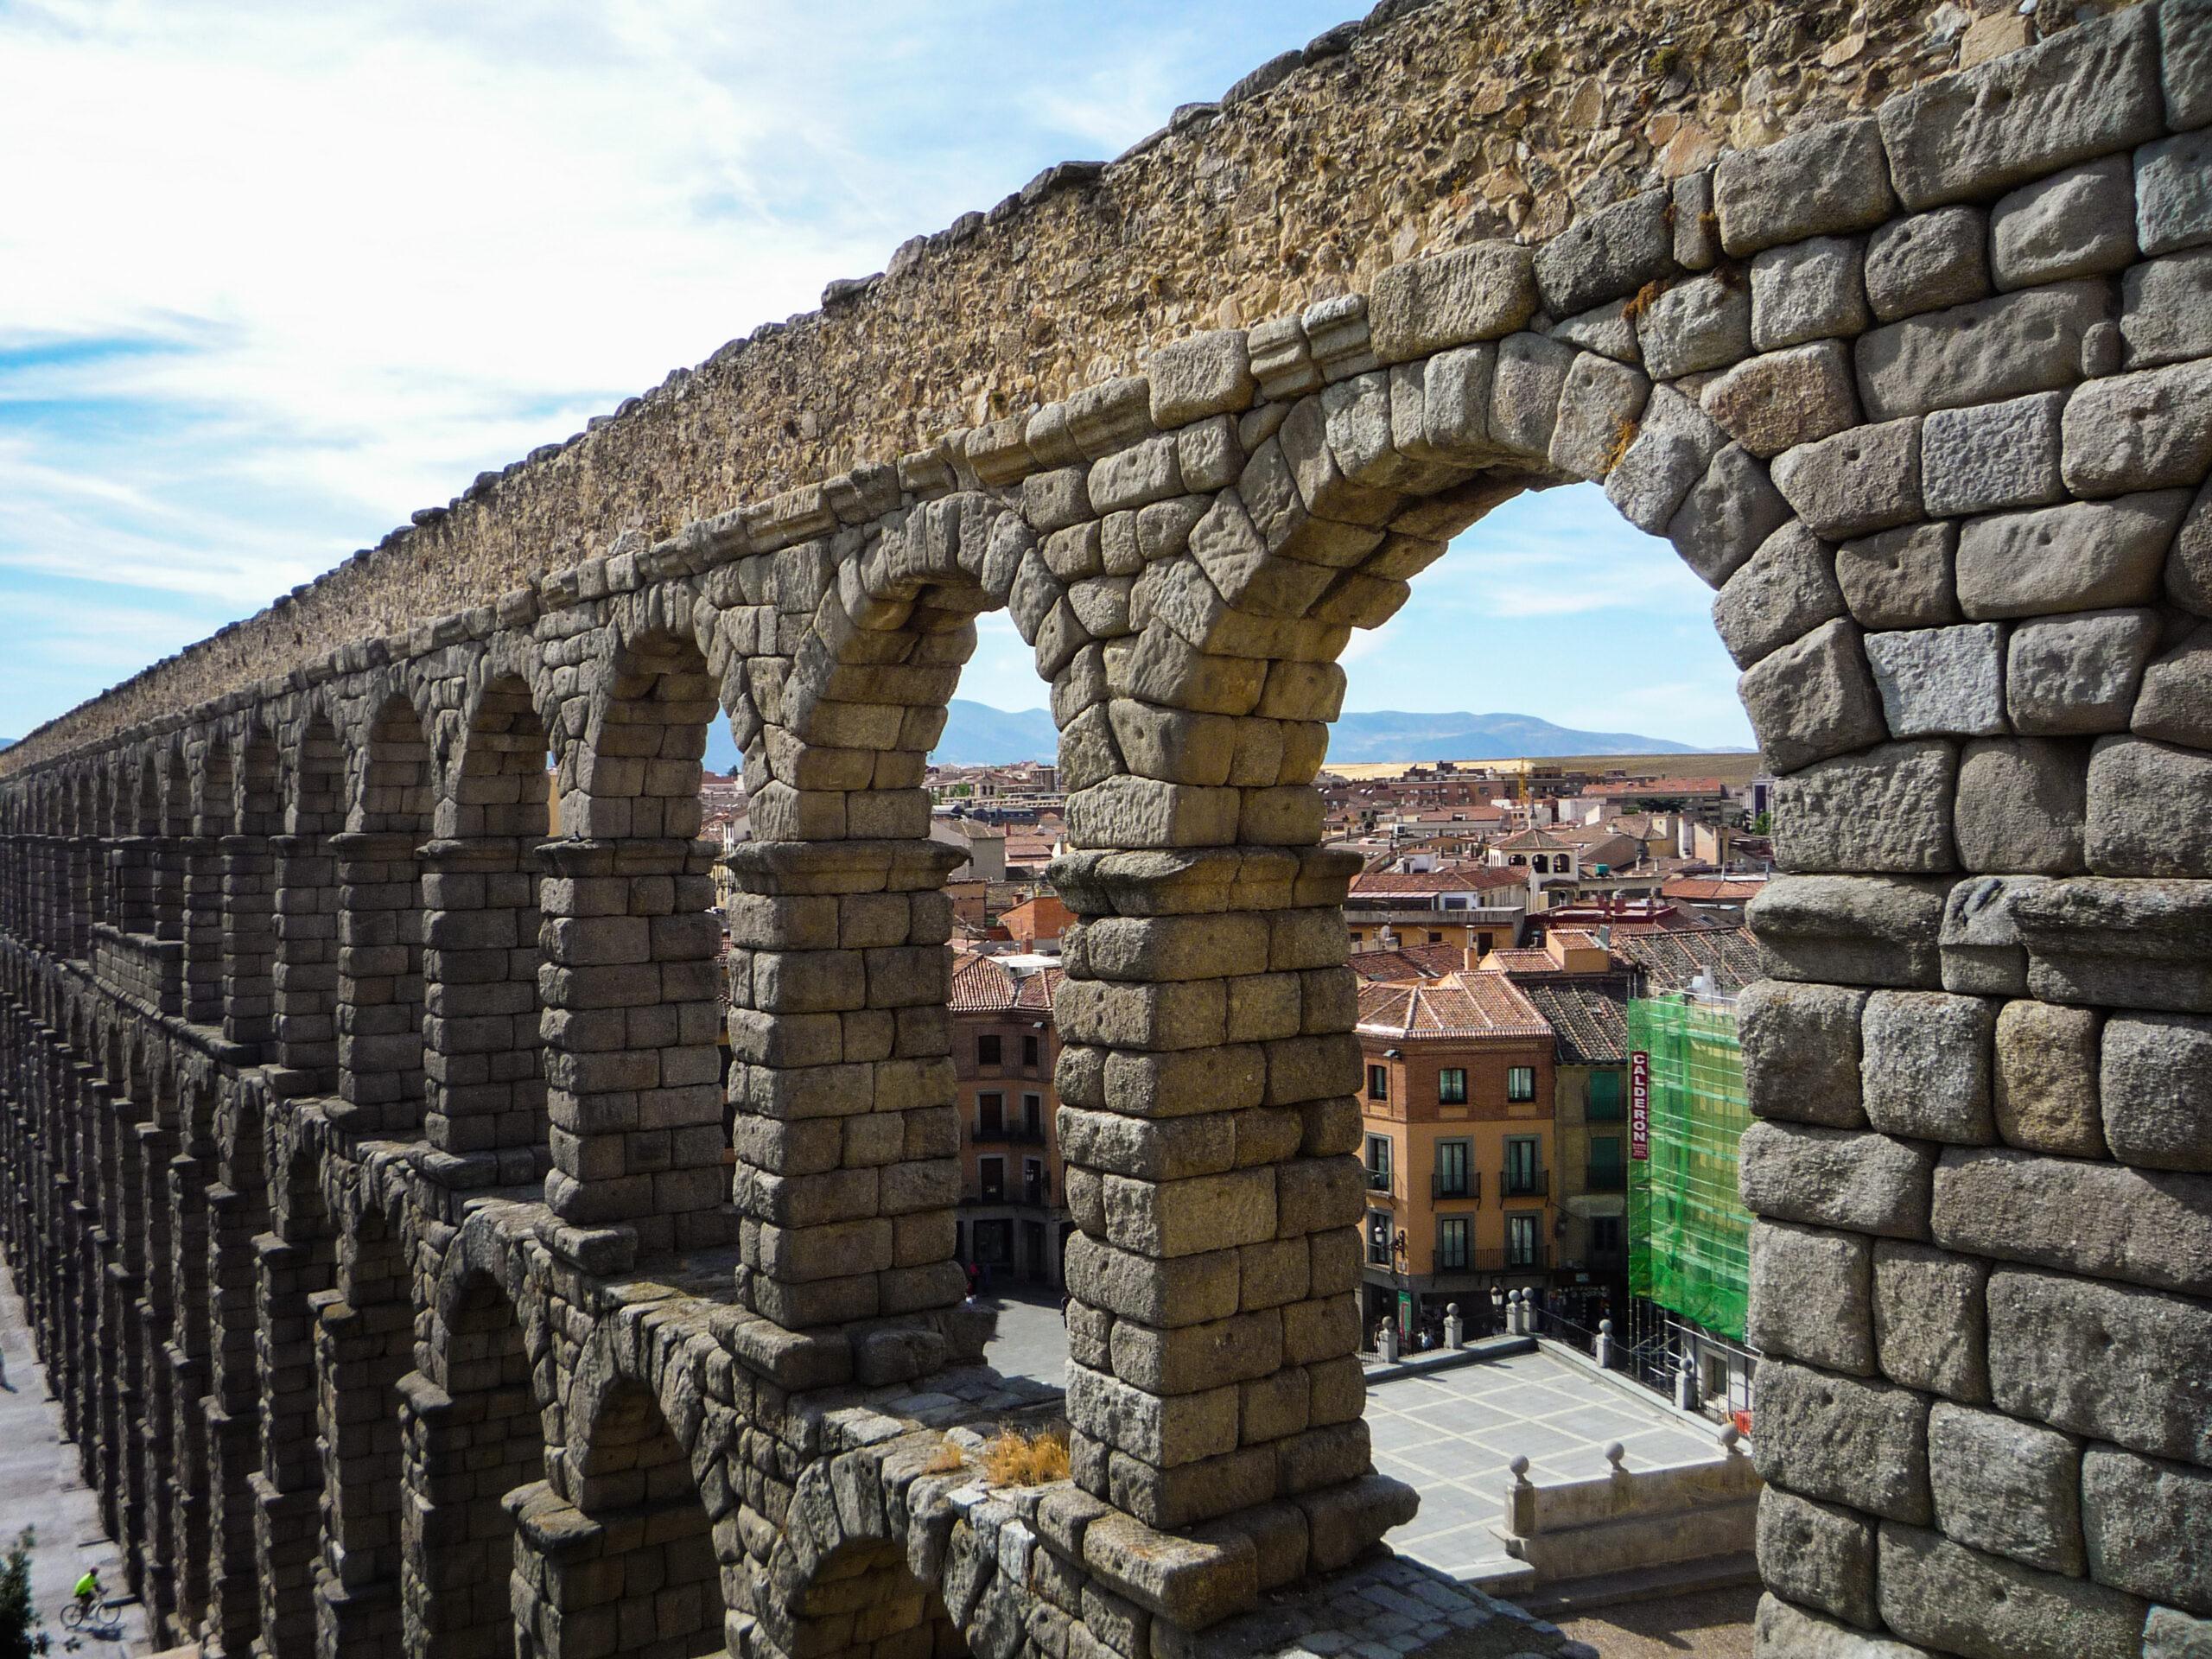 Ávila e Segovia: le città Patrimonio dell'Umanità della Castiglia e León